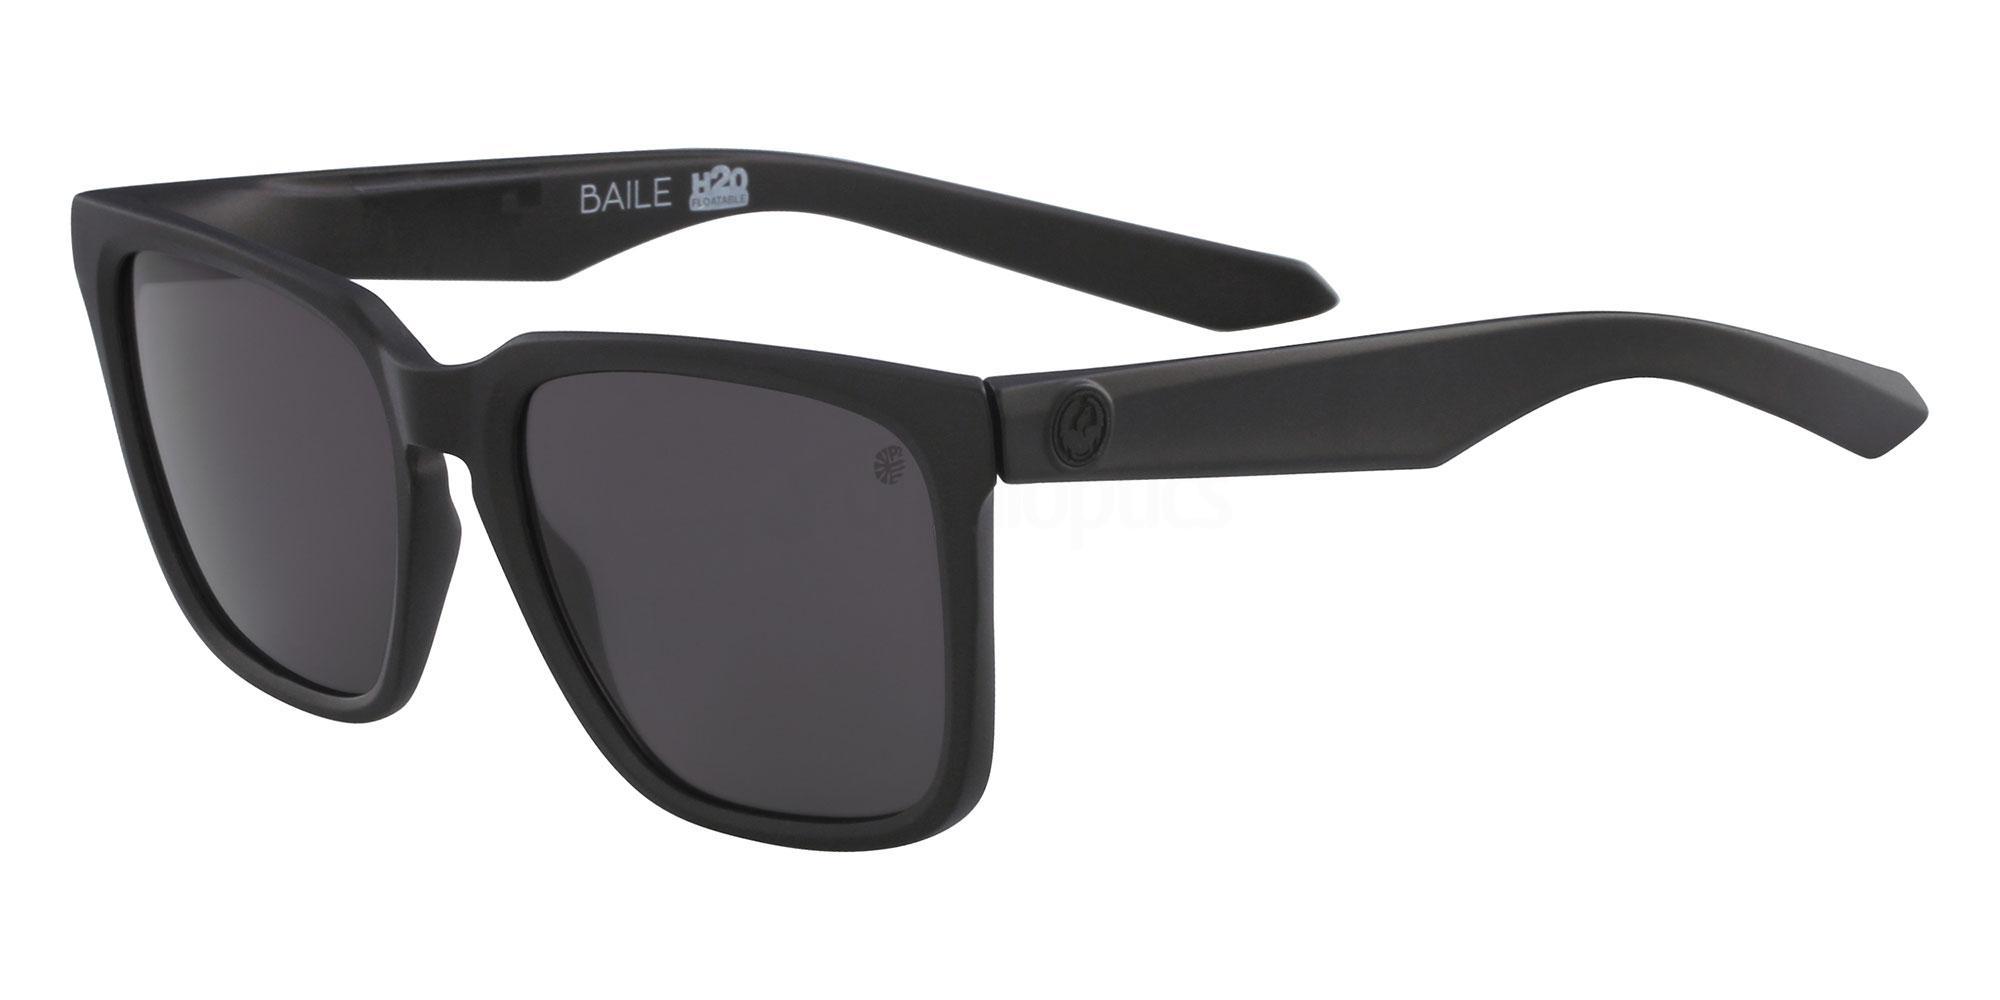 003 DR BAILE H2O Sunglasses, Dragon